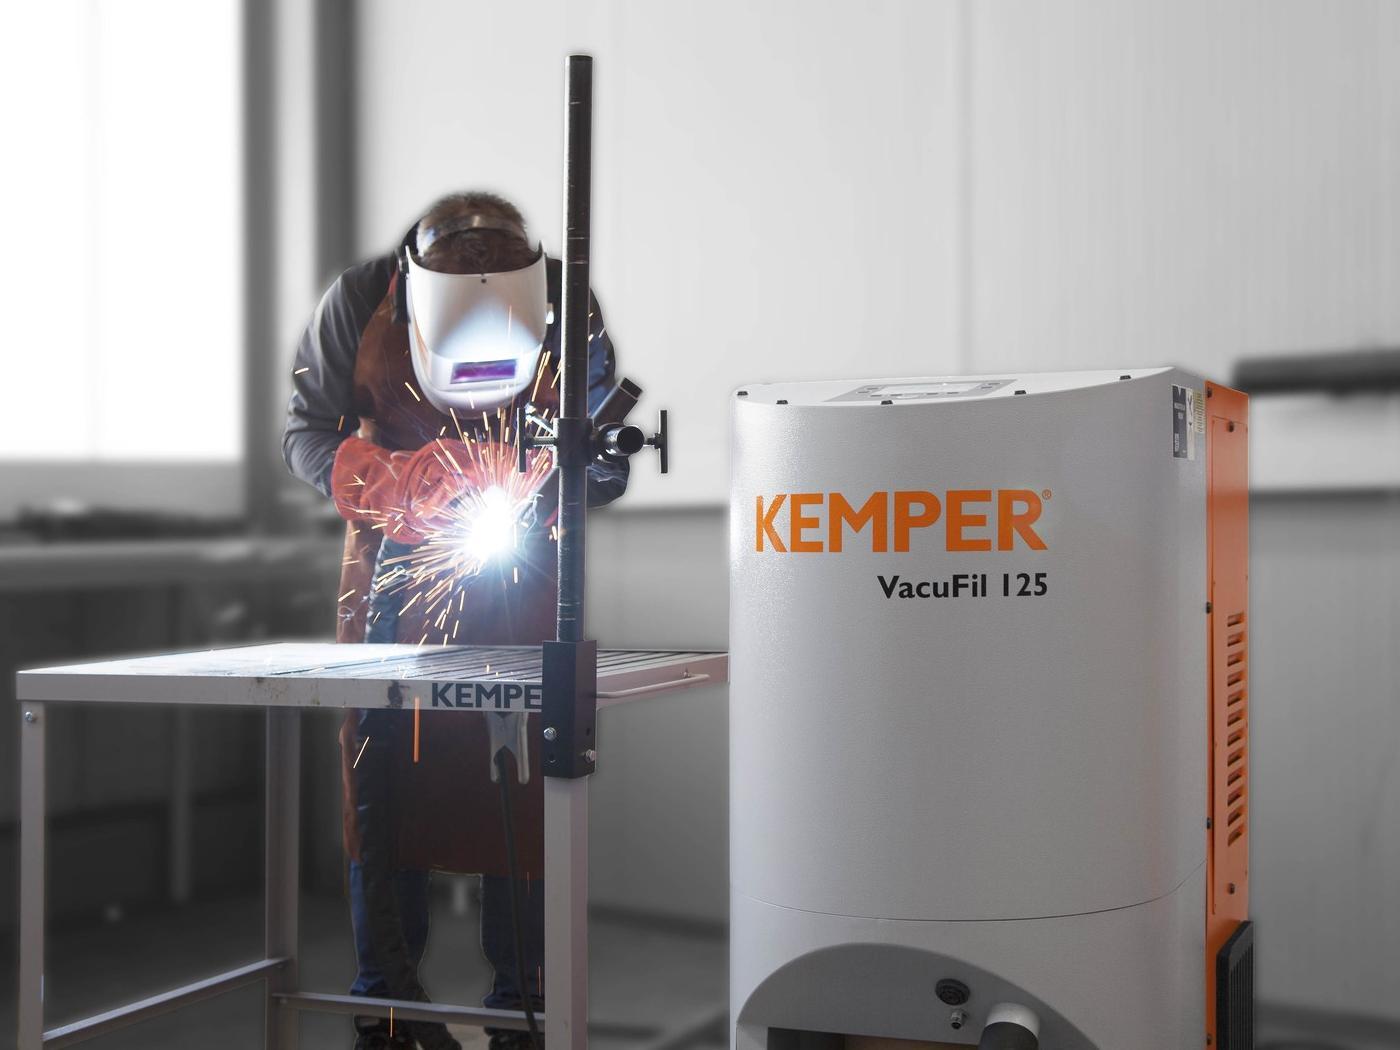 Auf der Blechexpo 2019 legt Kemper einen Messeschwerpunkt auf die Pistolenabsaugung für Schweißanwendungen. Im Fokus steht die neue Vacufil-Produktfamilie für mobile Absauggeräte an Einzelarbeitsplätzen.